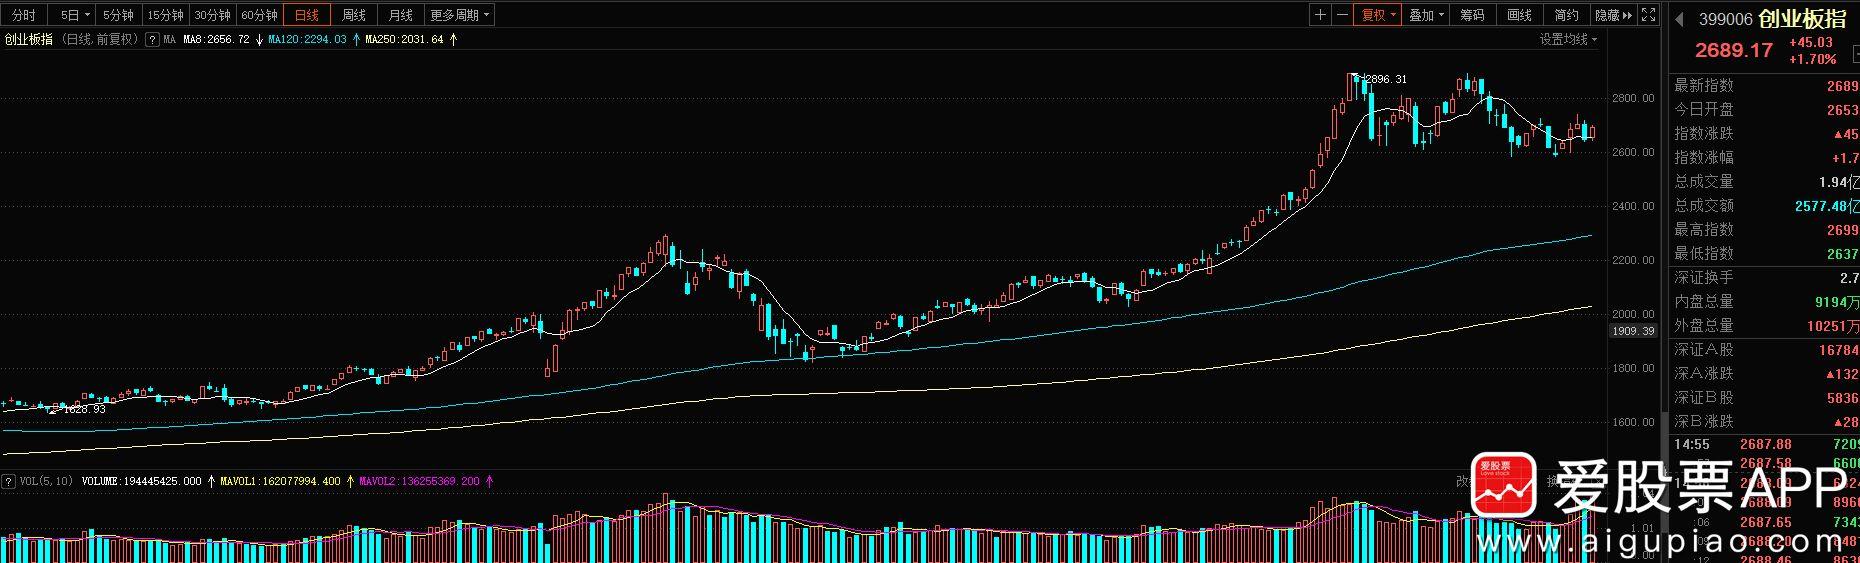 战龙:主板没有一个涨停,市场都玩20%去了!